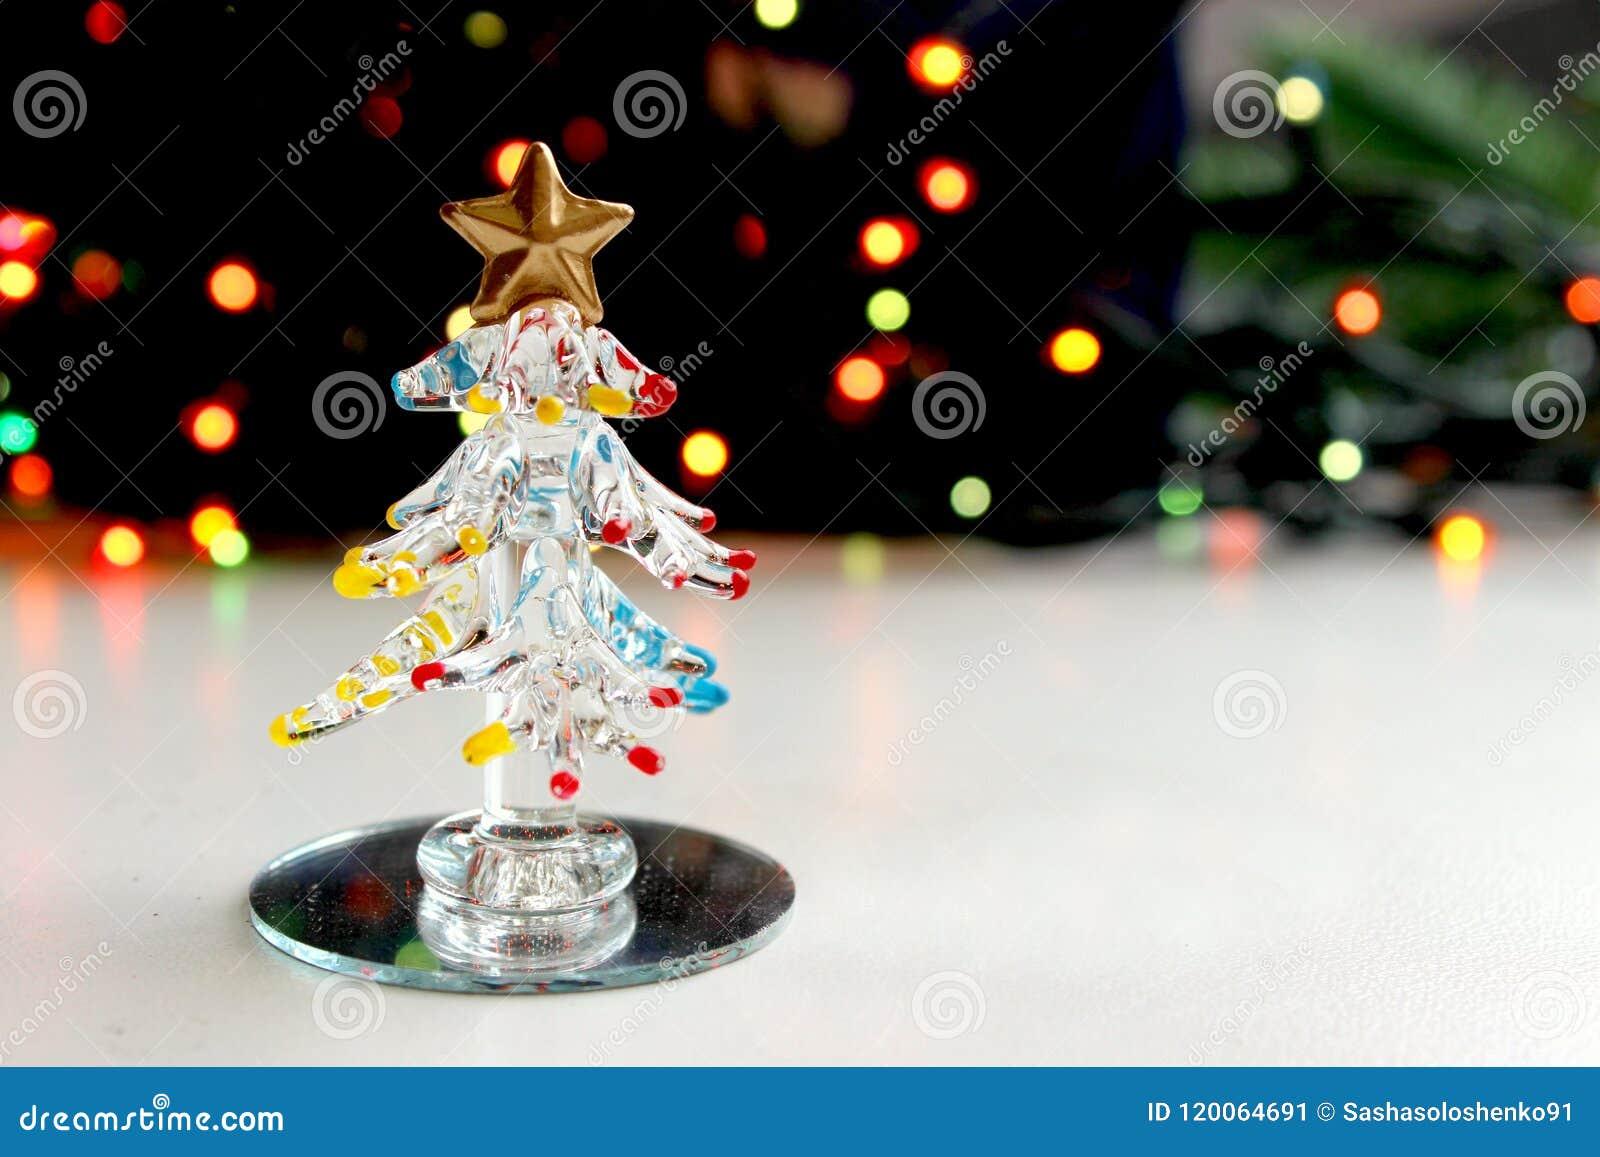 Un petit arbre de Noël de souvenir fait de verre sur le fond des lumières de Noël de scintillement, effet de bokeh